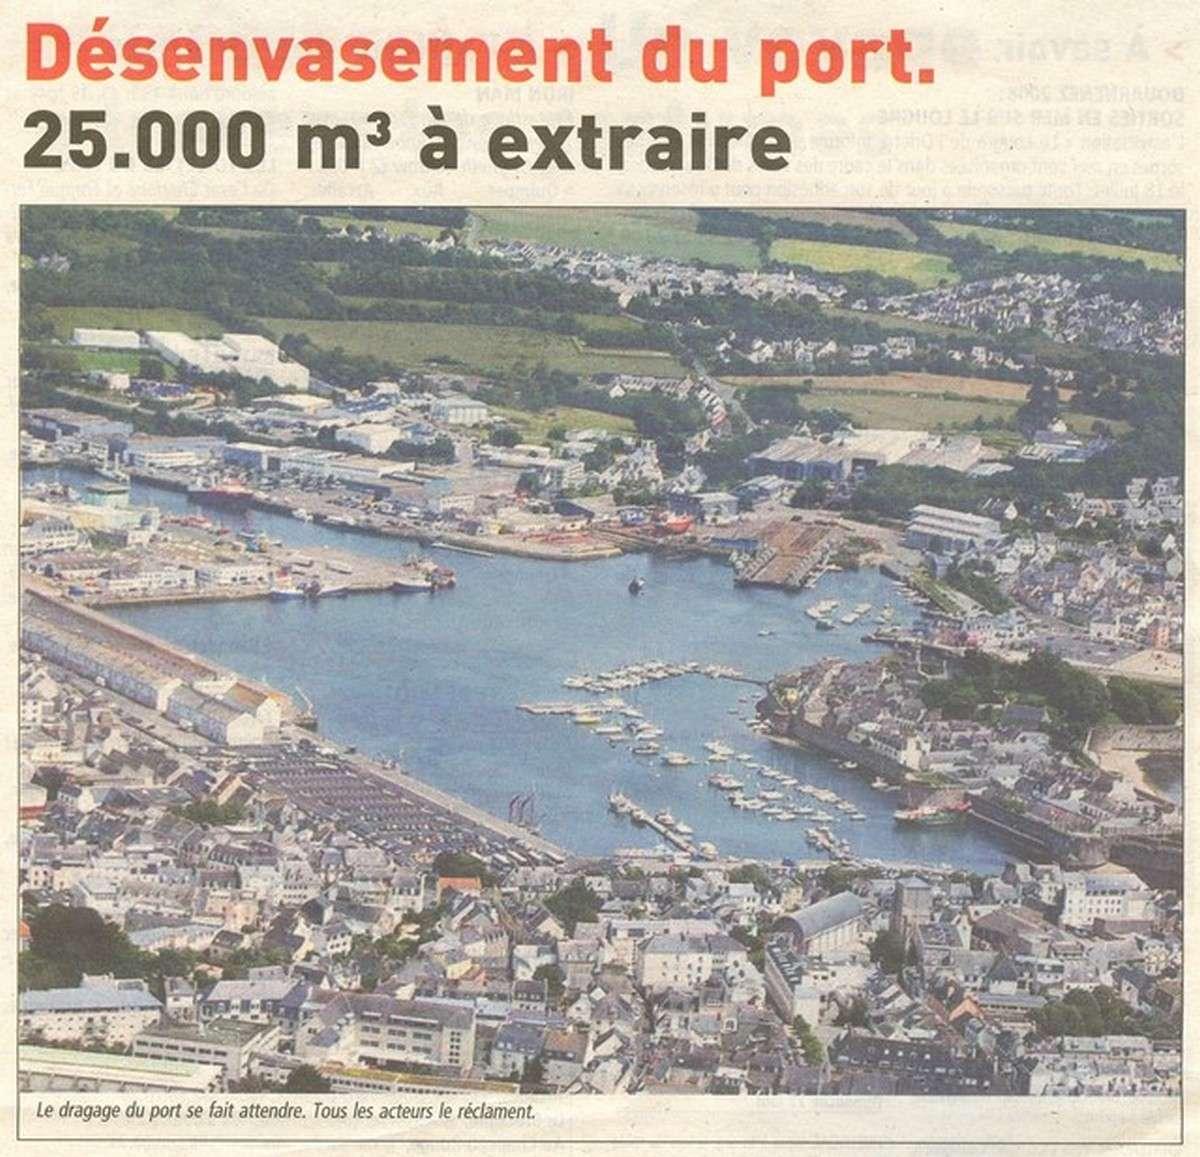 LE PORT DE CONCARNEAU - Volume 003 - Page 4 1949